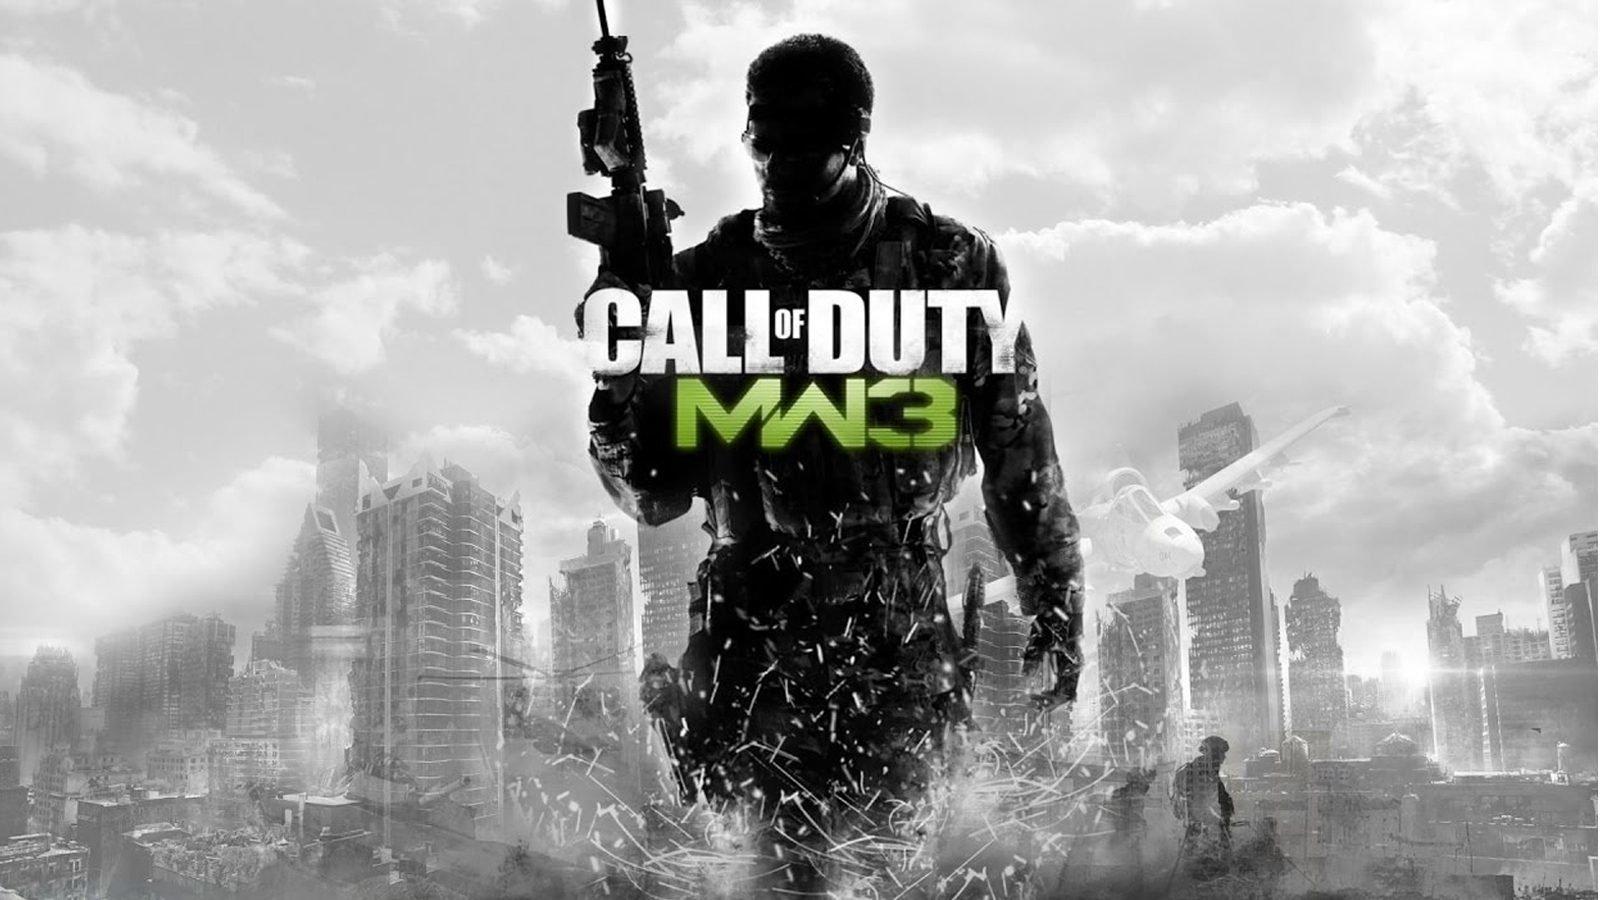 《使命召唤 现代战争3》加入 Xbox One 向下兼容列表!